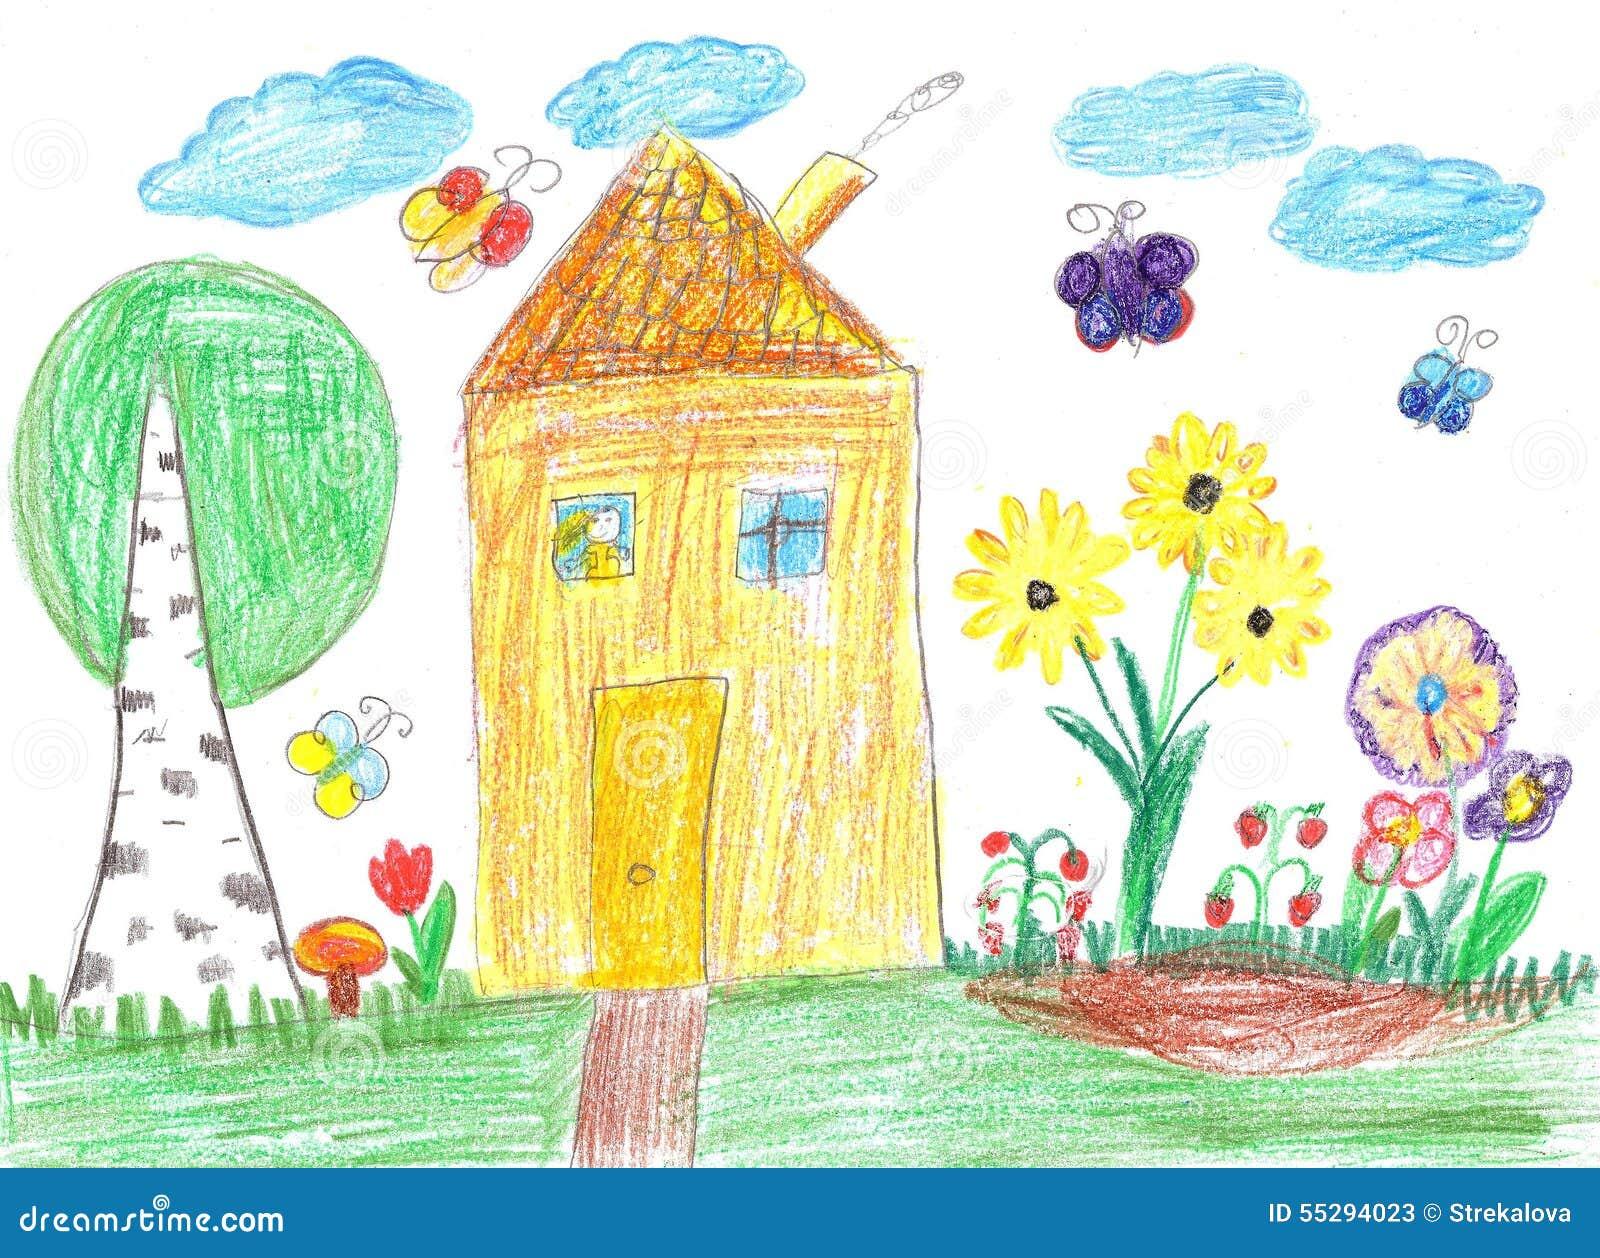 dessin d 39 enfant d 39 une maison image stock image du illustrations enfance 55294023. Black Bedroom Furniture Sets. Home Design Ideas